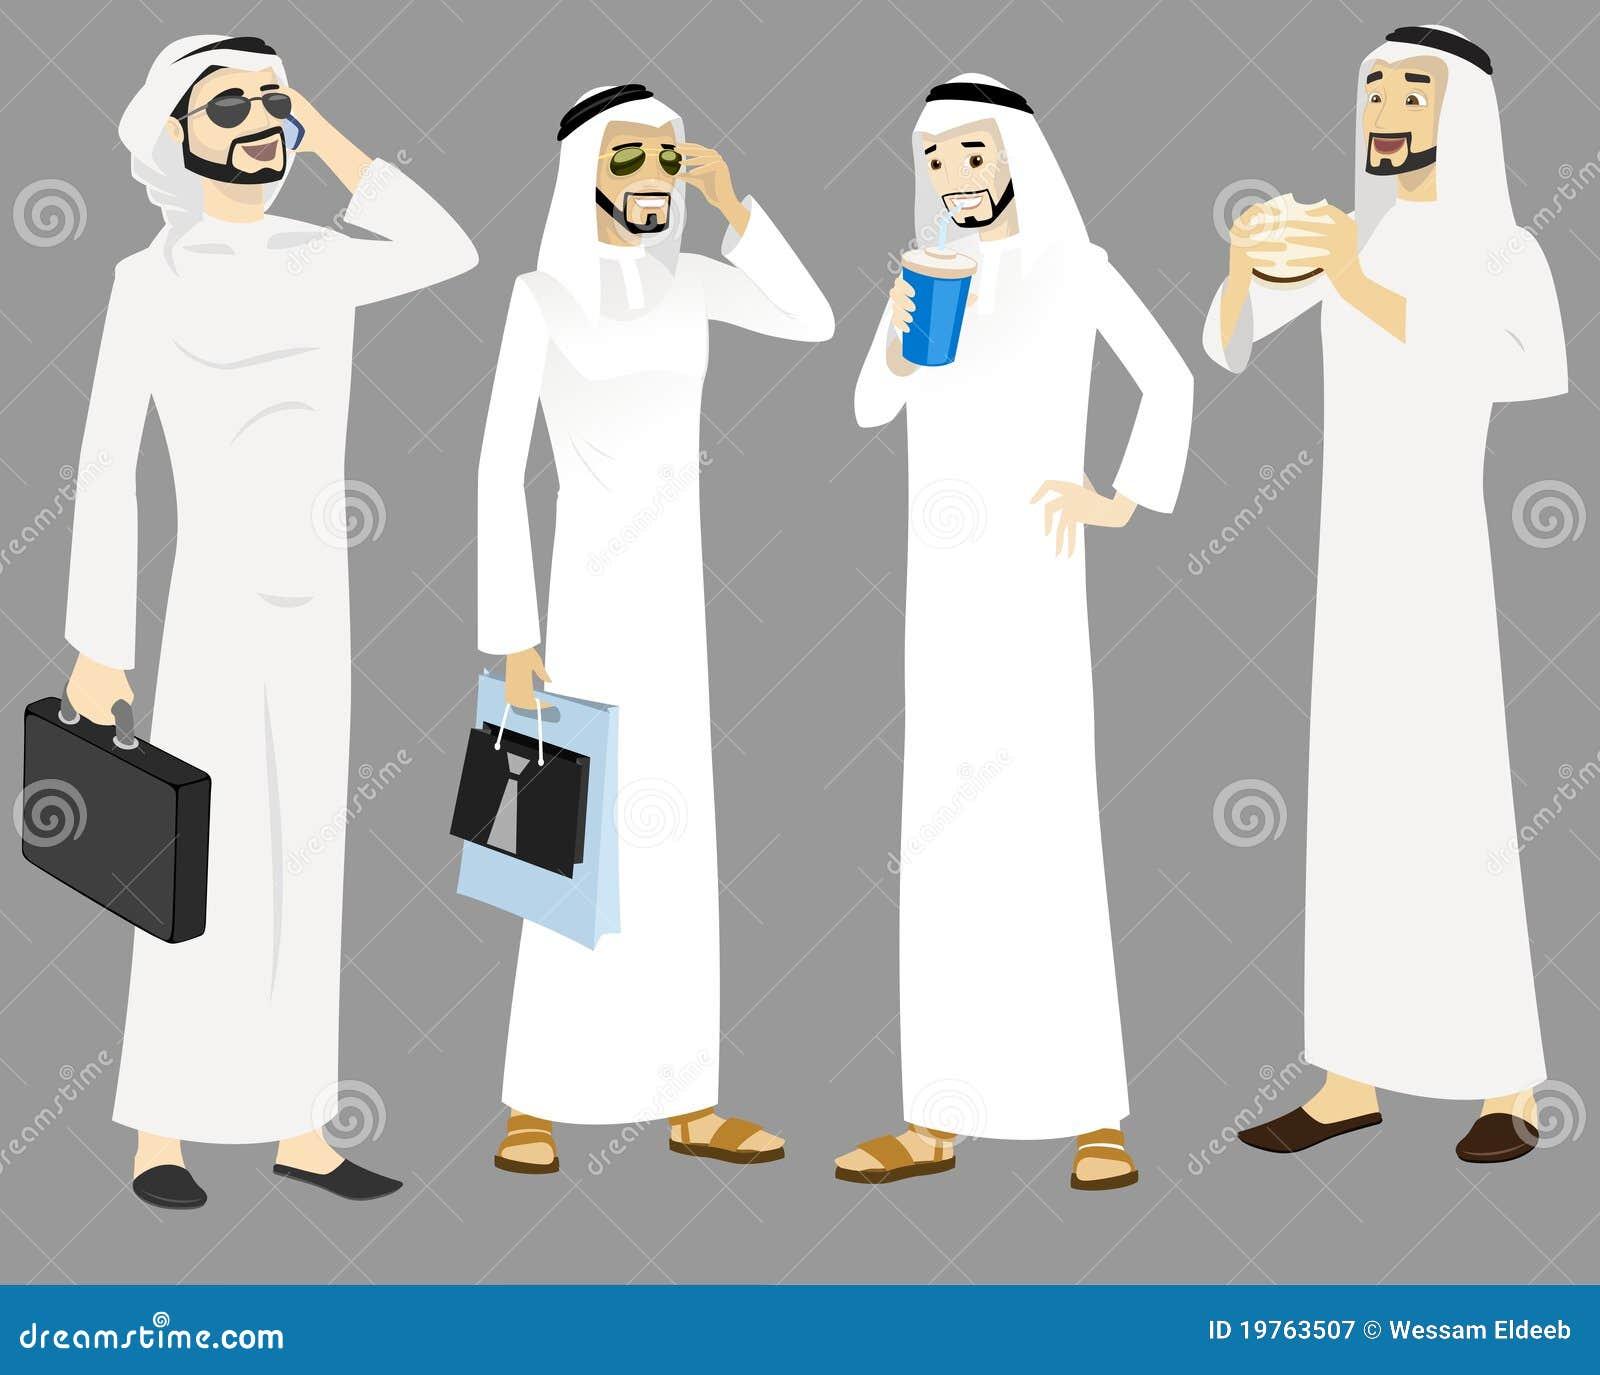 Site de chat khaliji gratuit